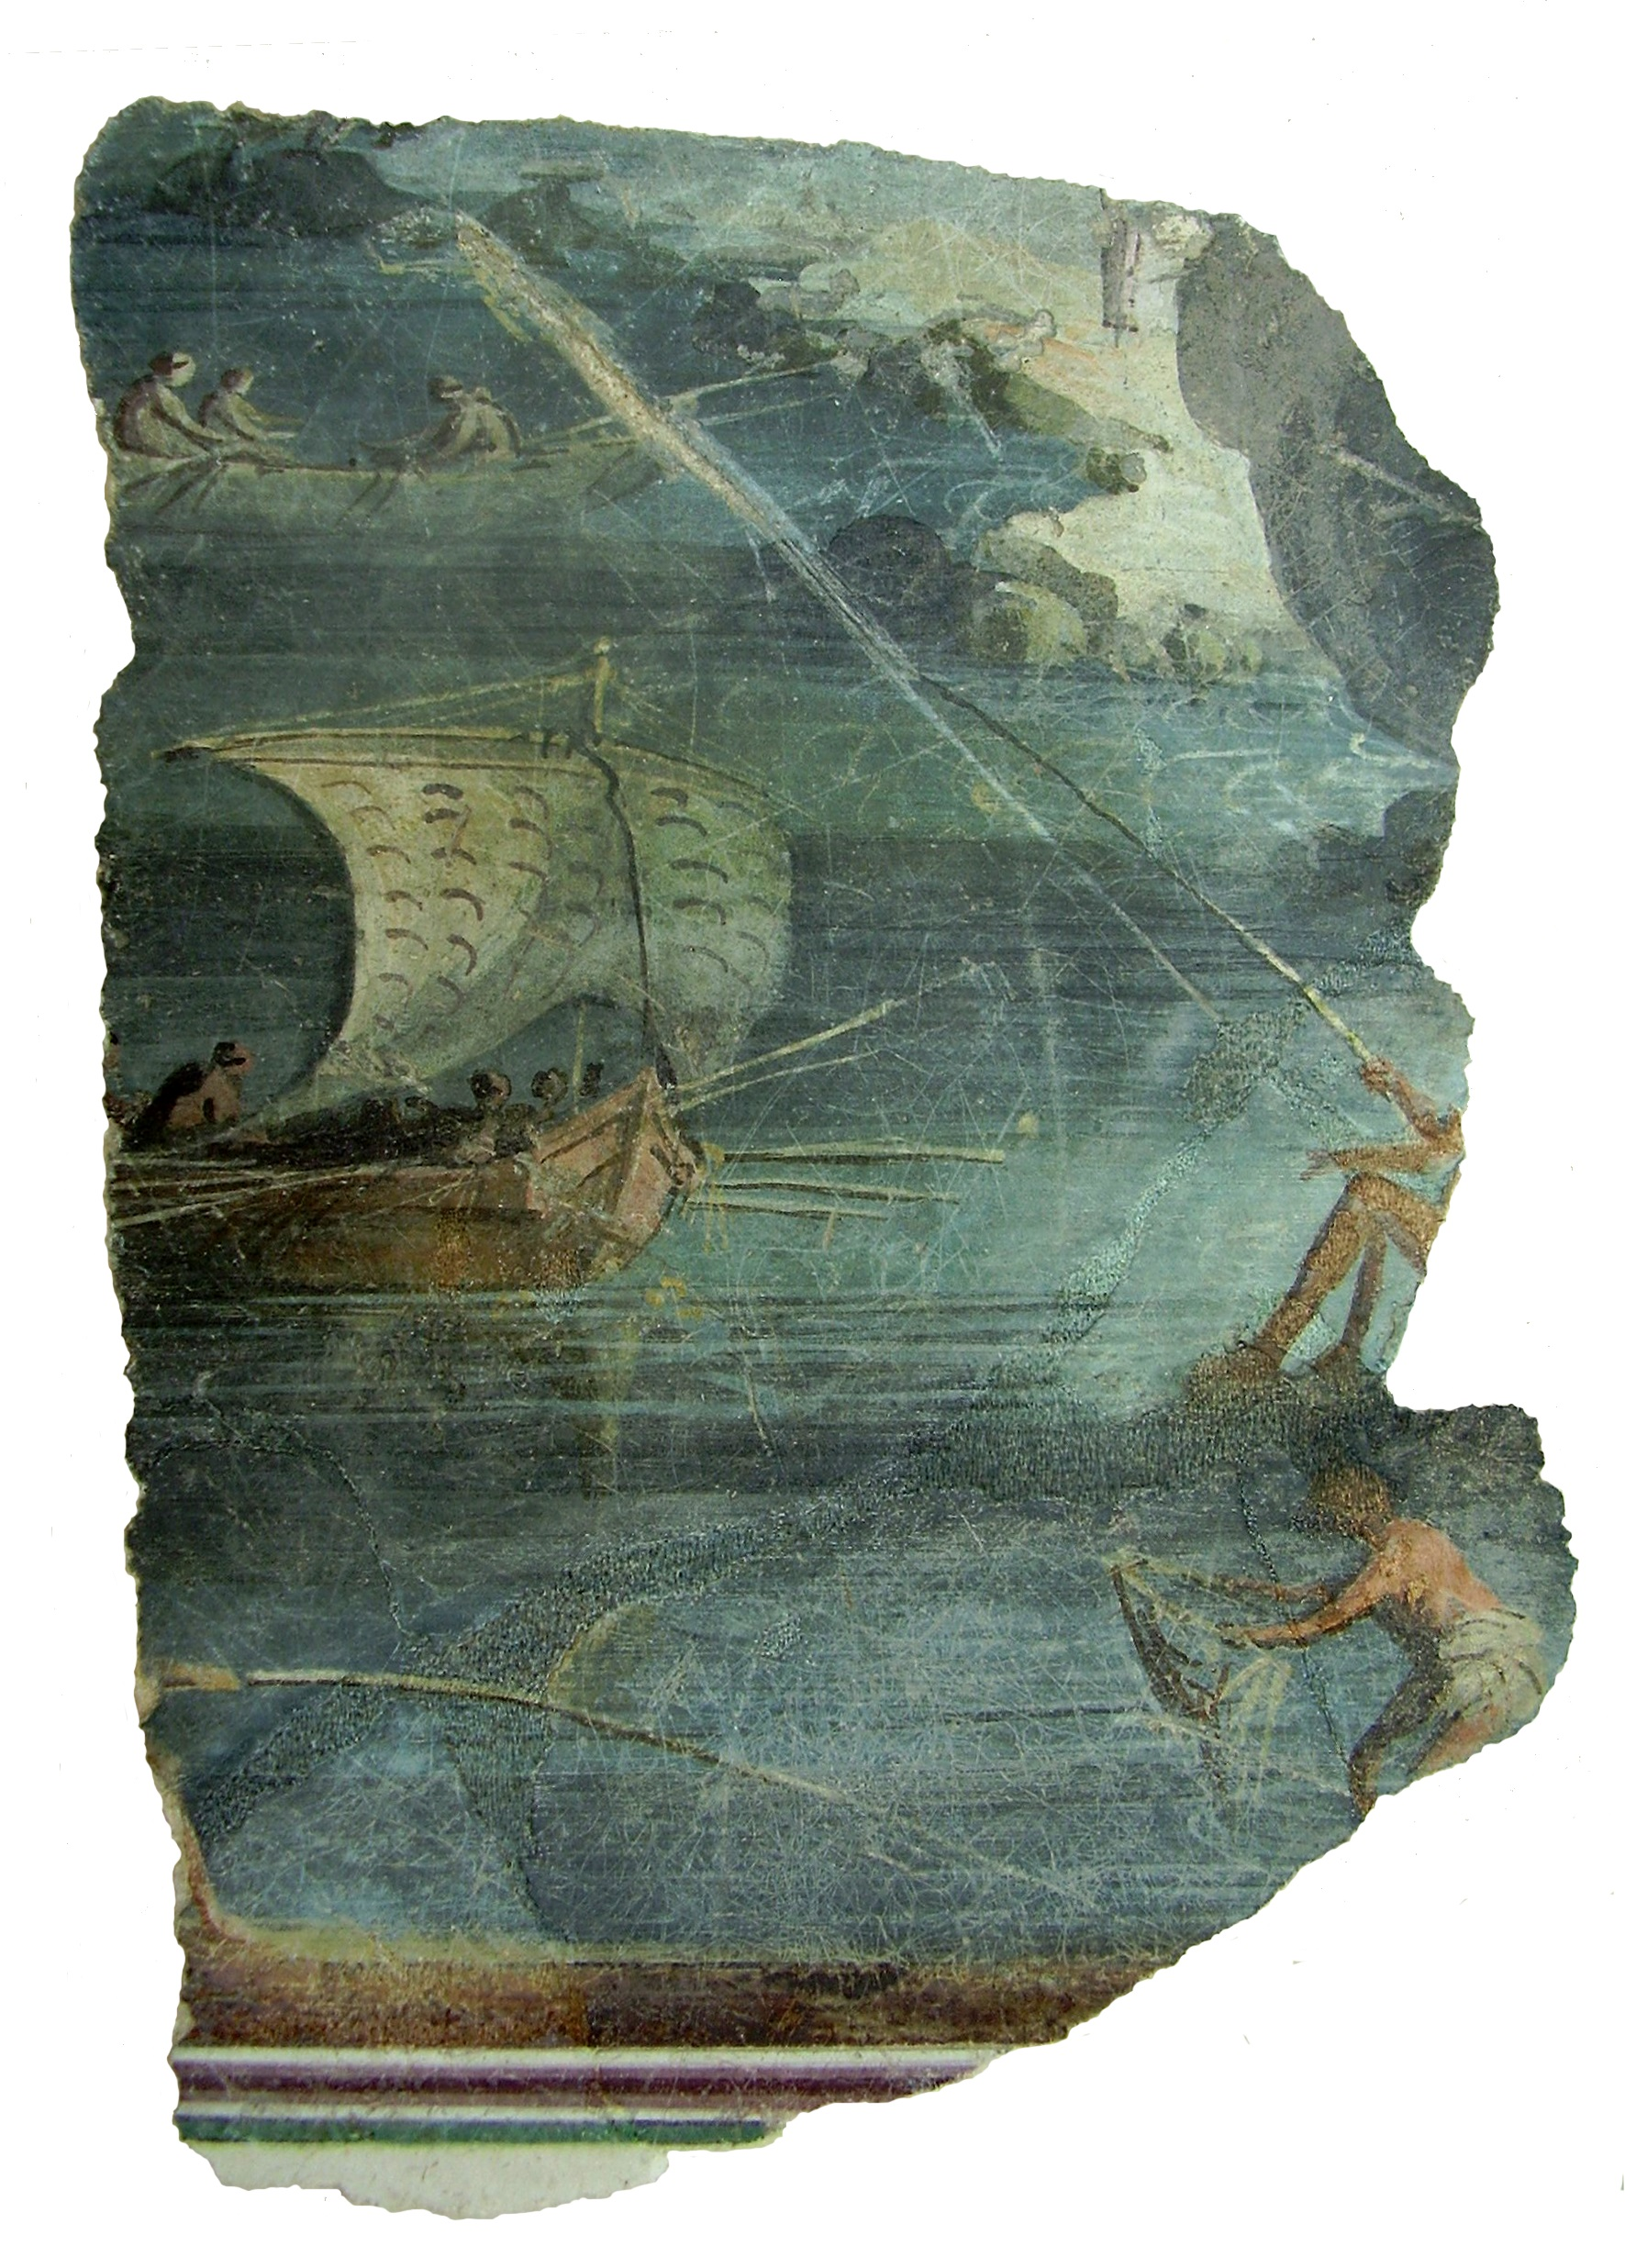 2/3 luglio 2016: in tutta Italia Festa dei Musei